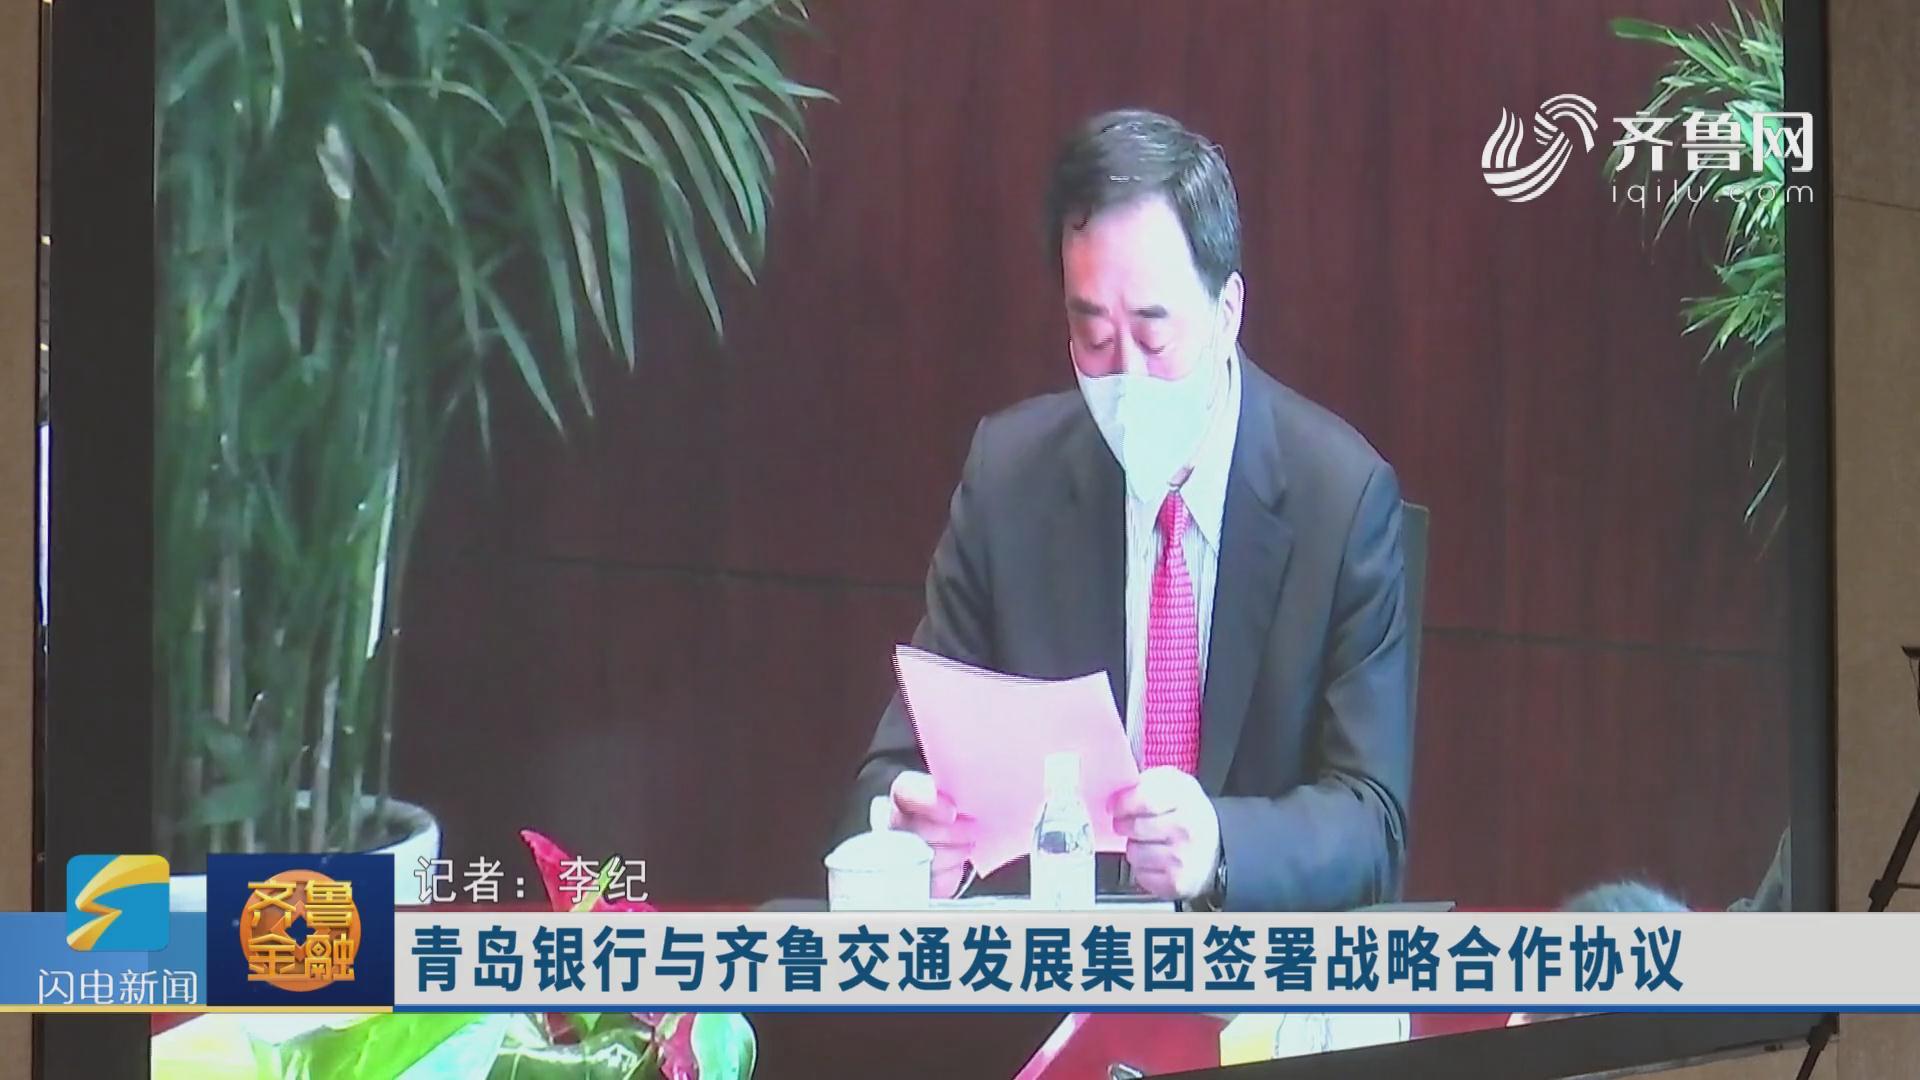 青岛银行与齐鲁交通发展集团签署战略合作协议《齐鲁金融》20200318播出